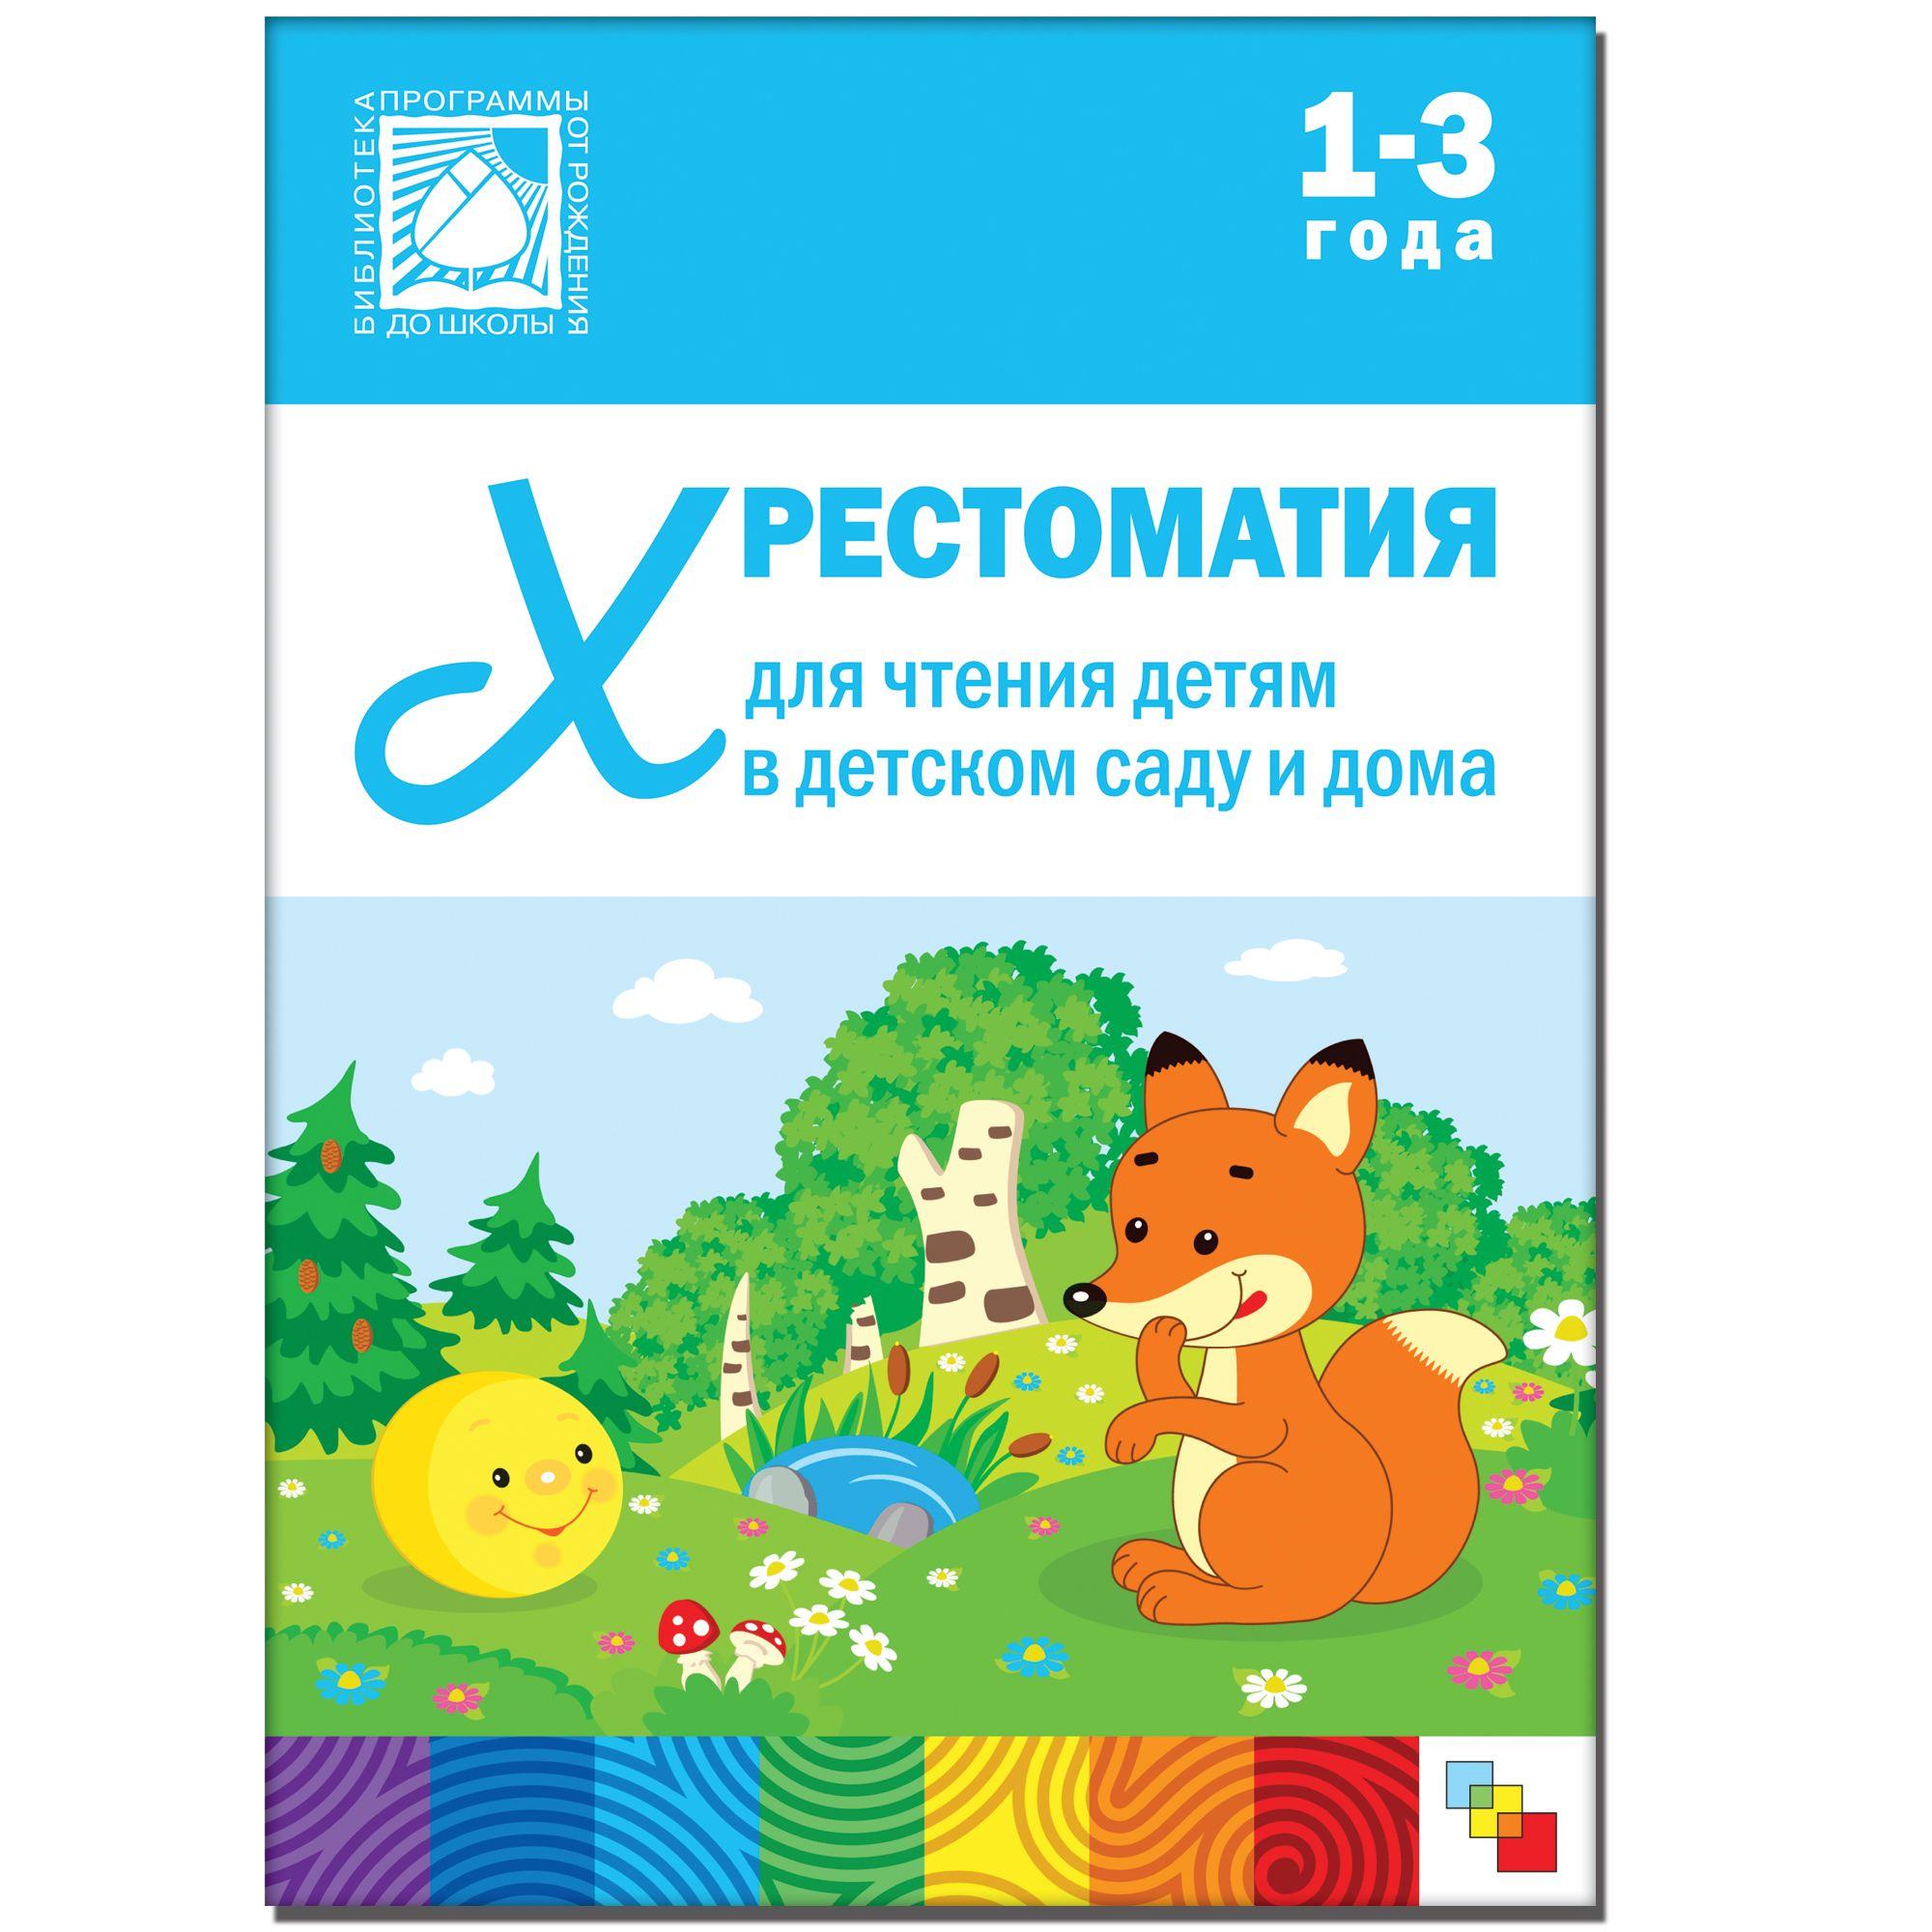 Хрестоматия для чтения детям в детском саду и дома. 1-3  года ФГОС